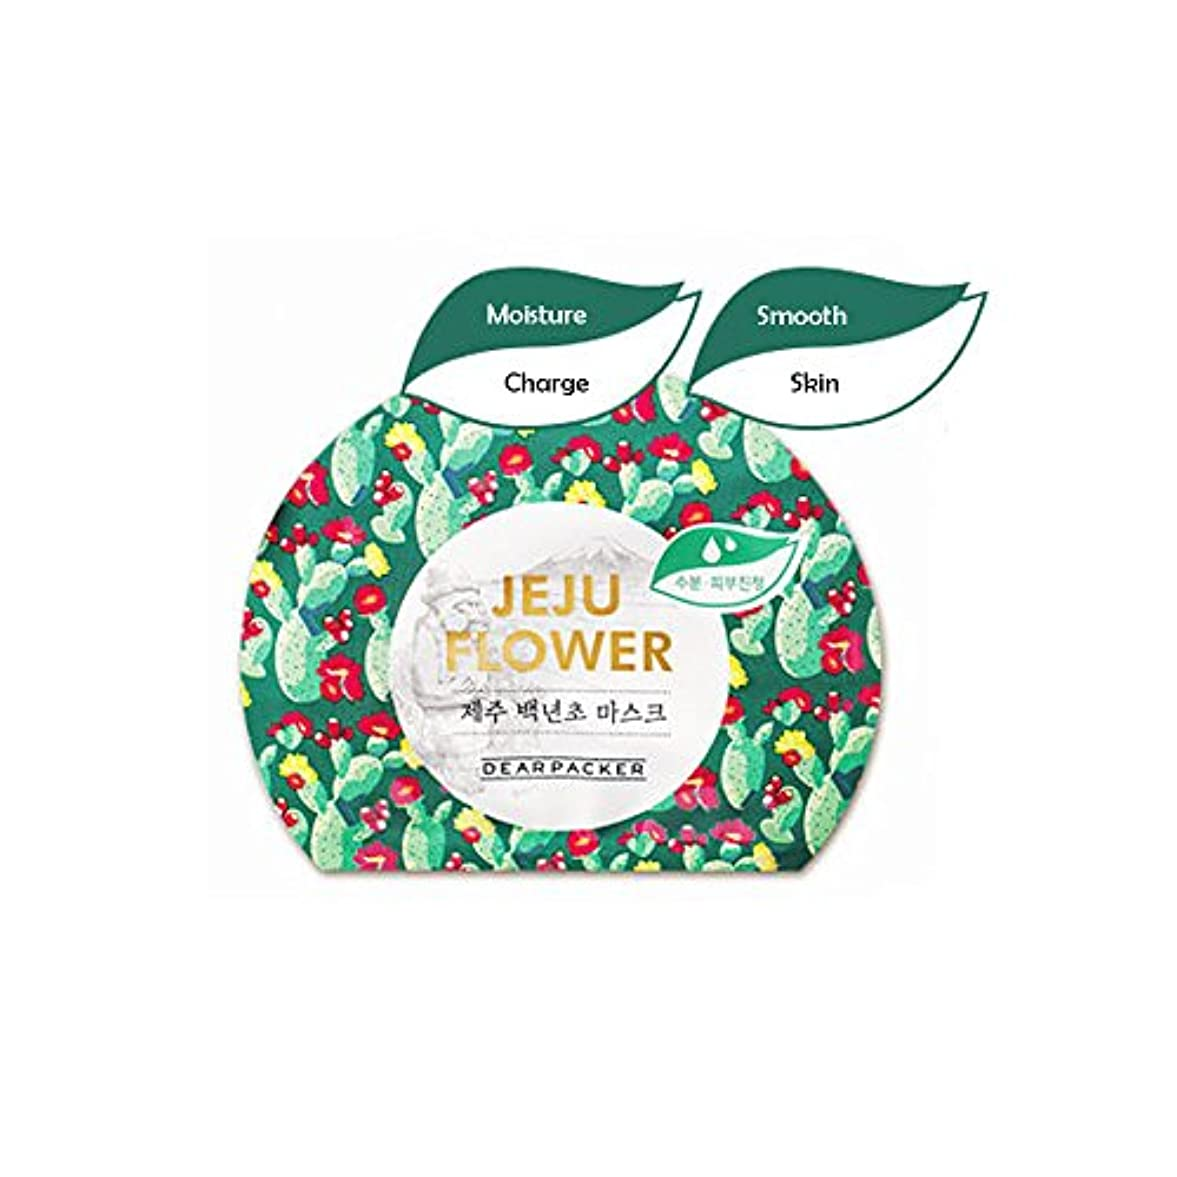 スポット同性愛者芸術済州花のマスクシート2018新 Jeju Flower Mask Sheet 2018 New (Baek Nyeon Flower, 3 Sheets)